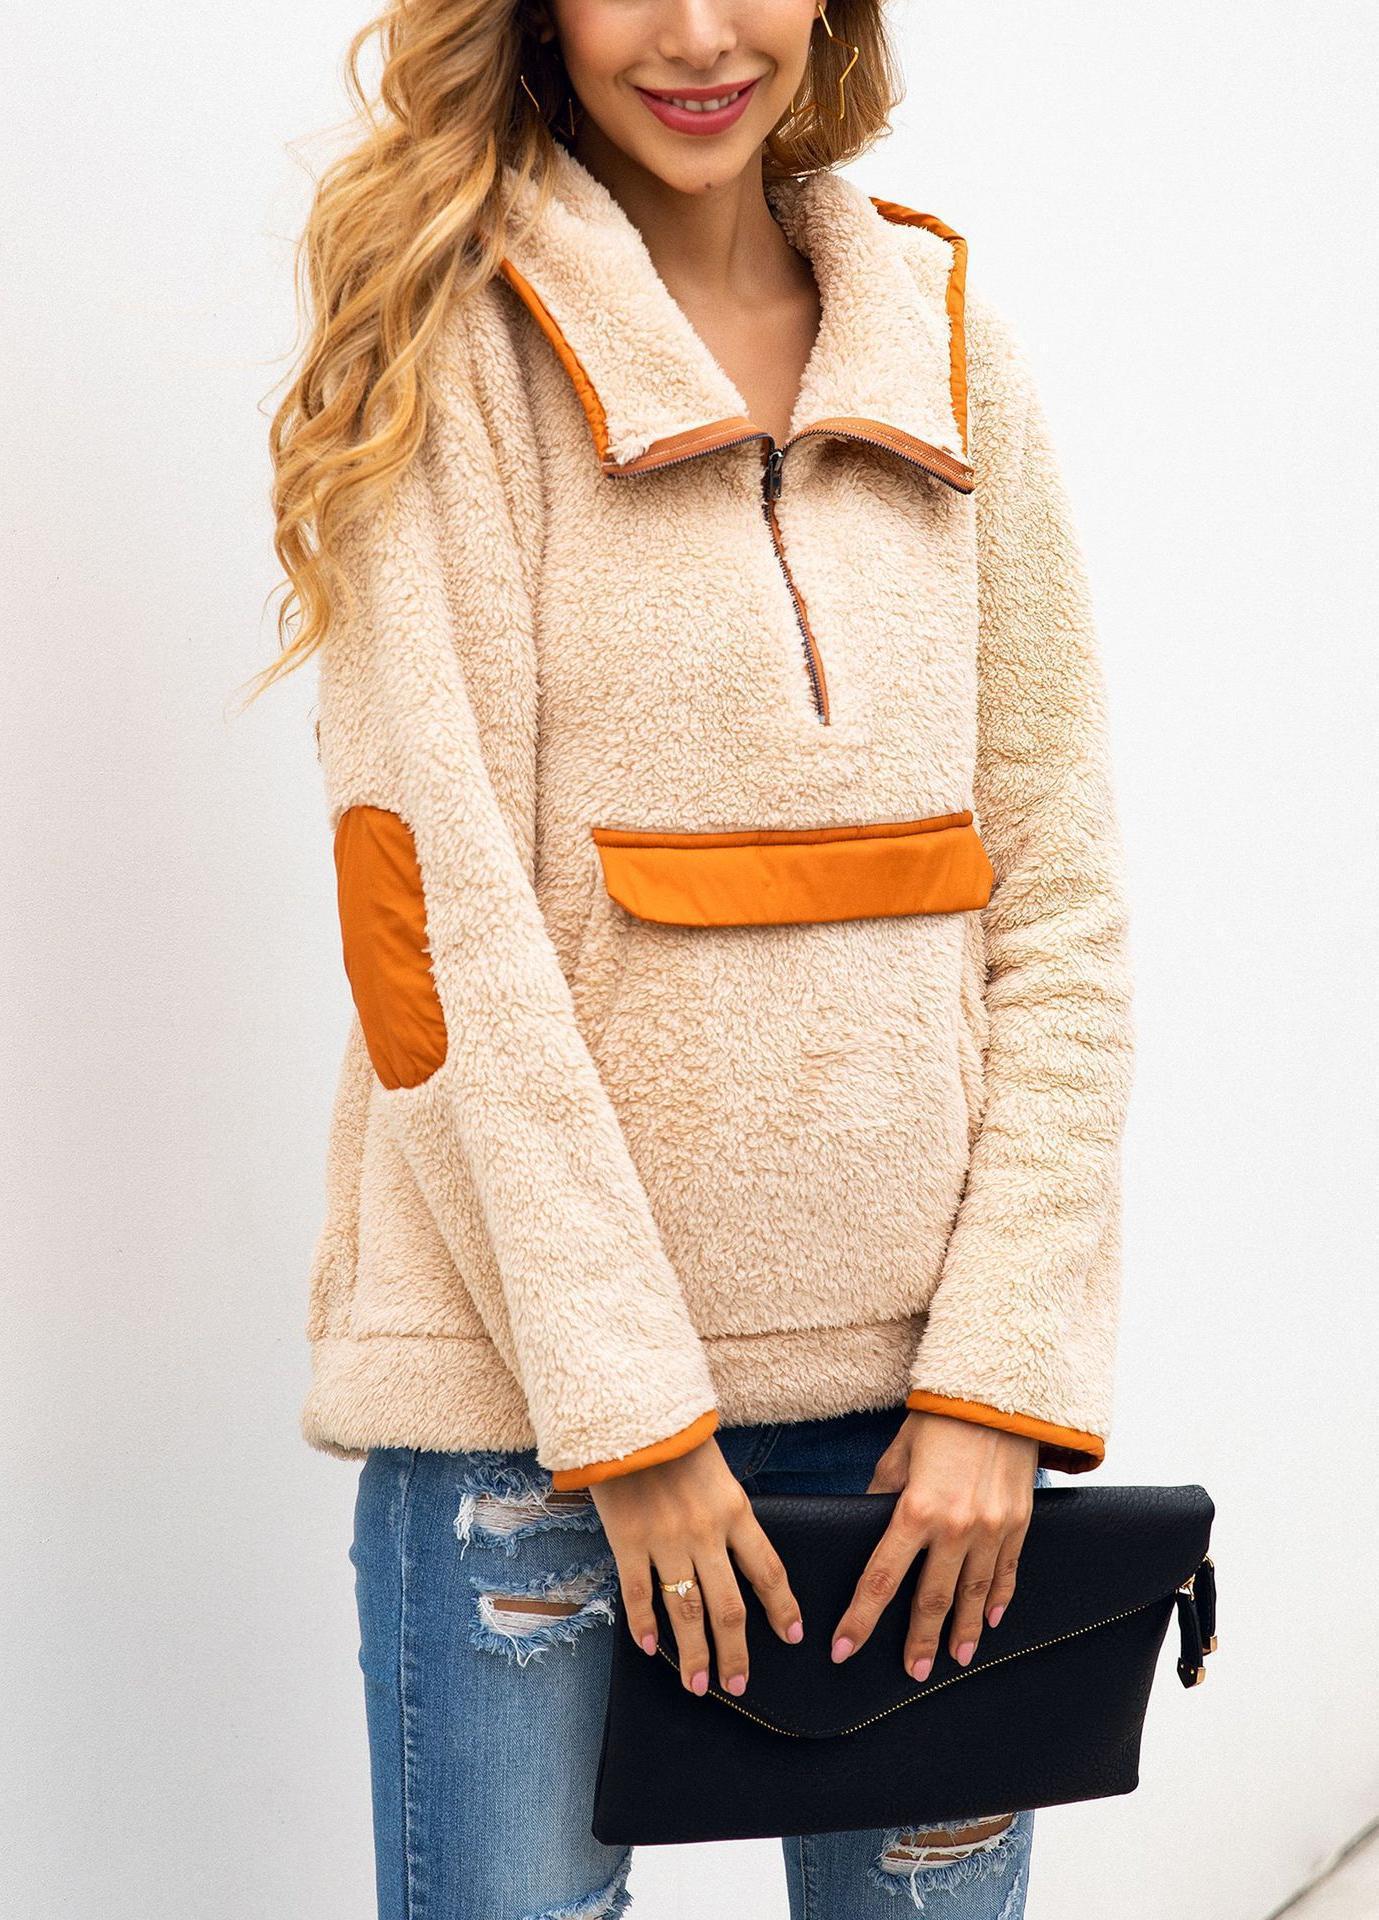 chaud mince manteau zippée polaire capuche poche automne et l'hiver zipper veste chandail à capuchon